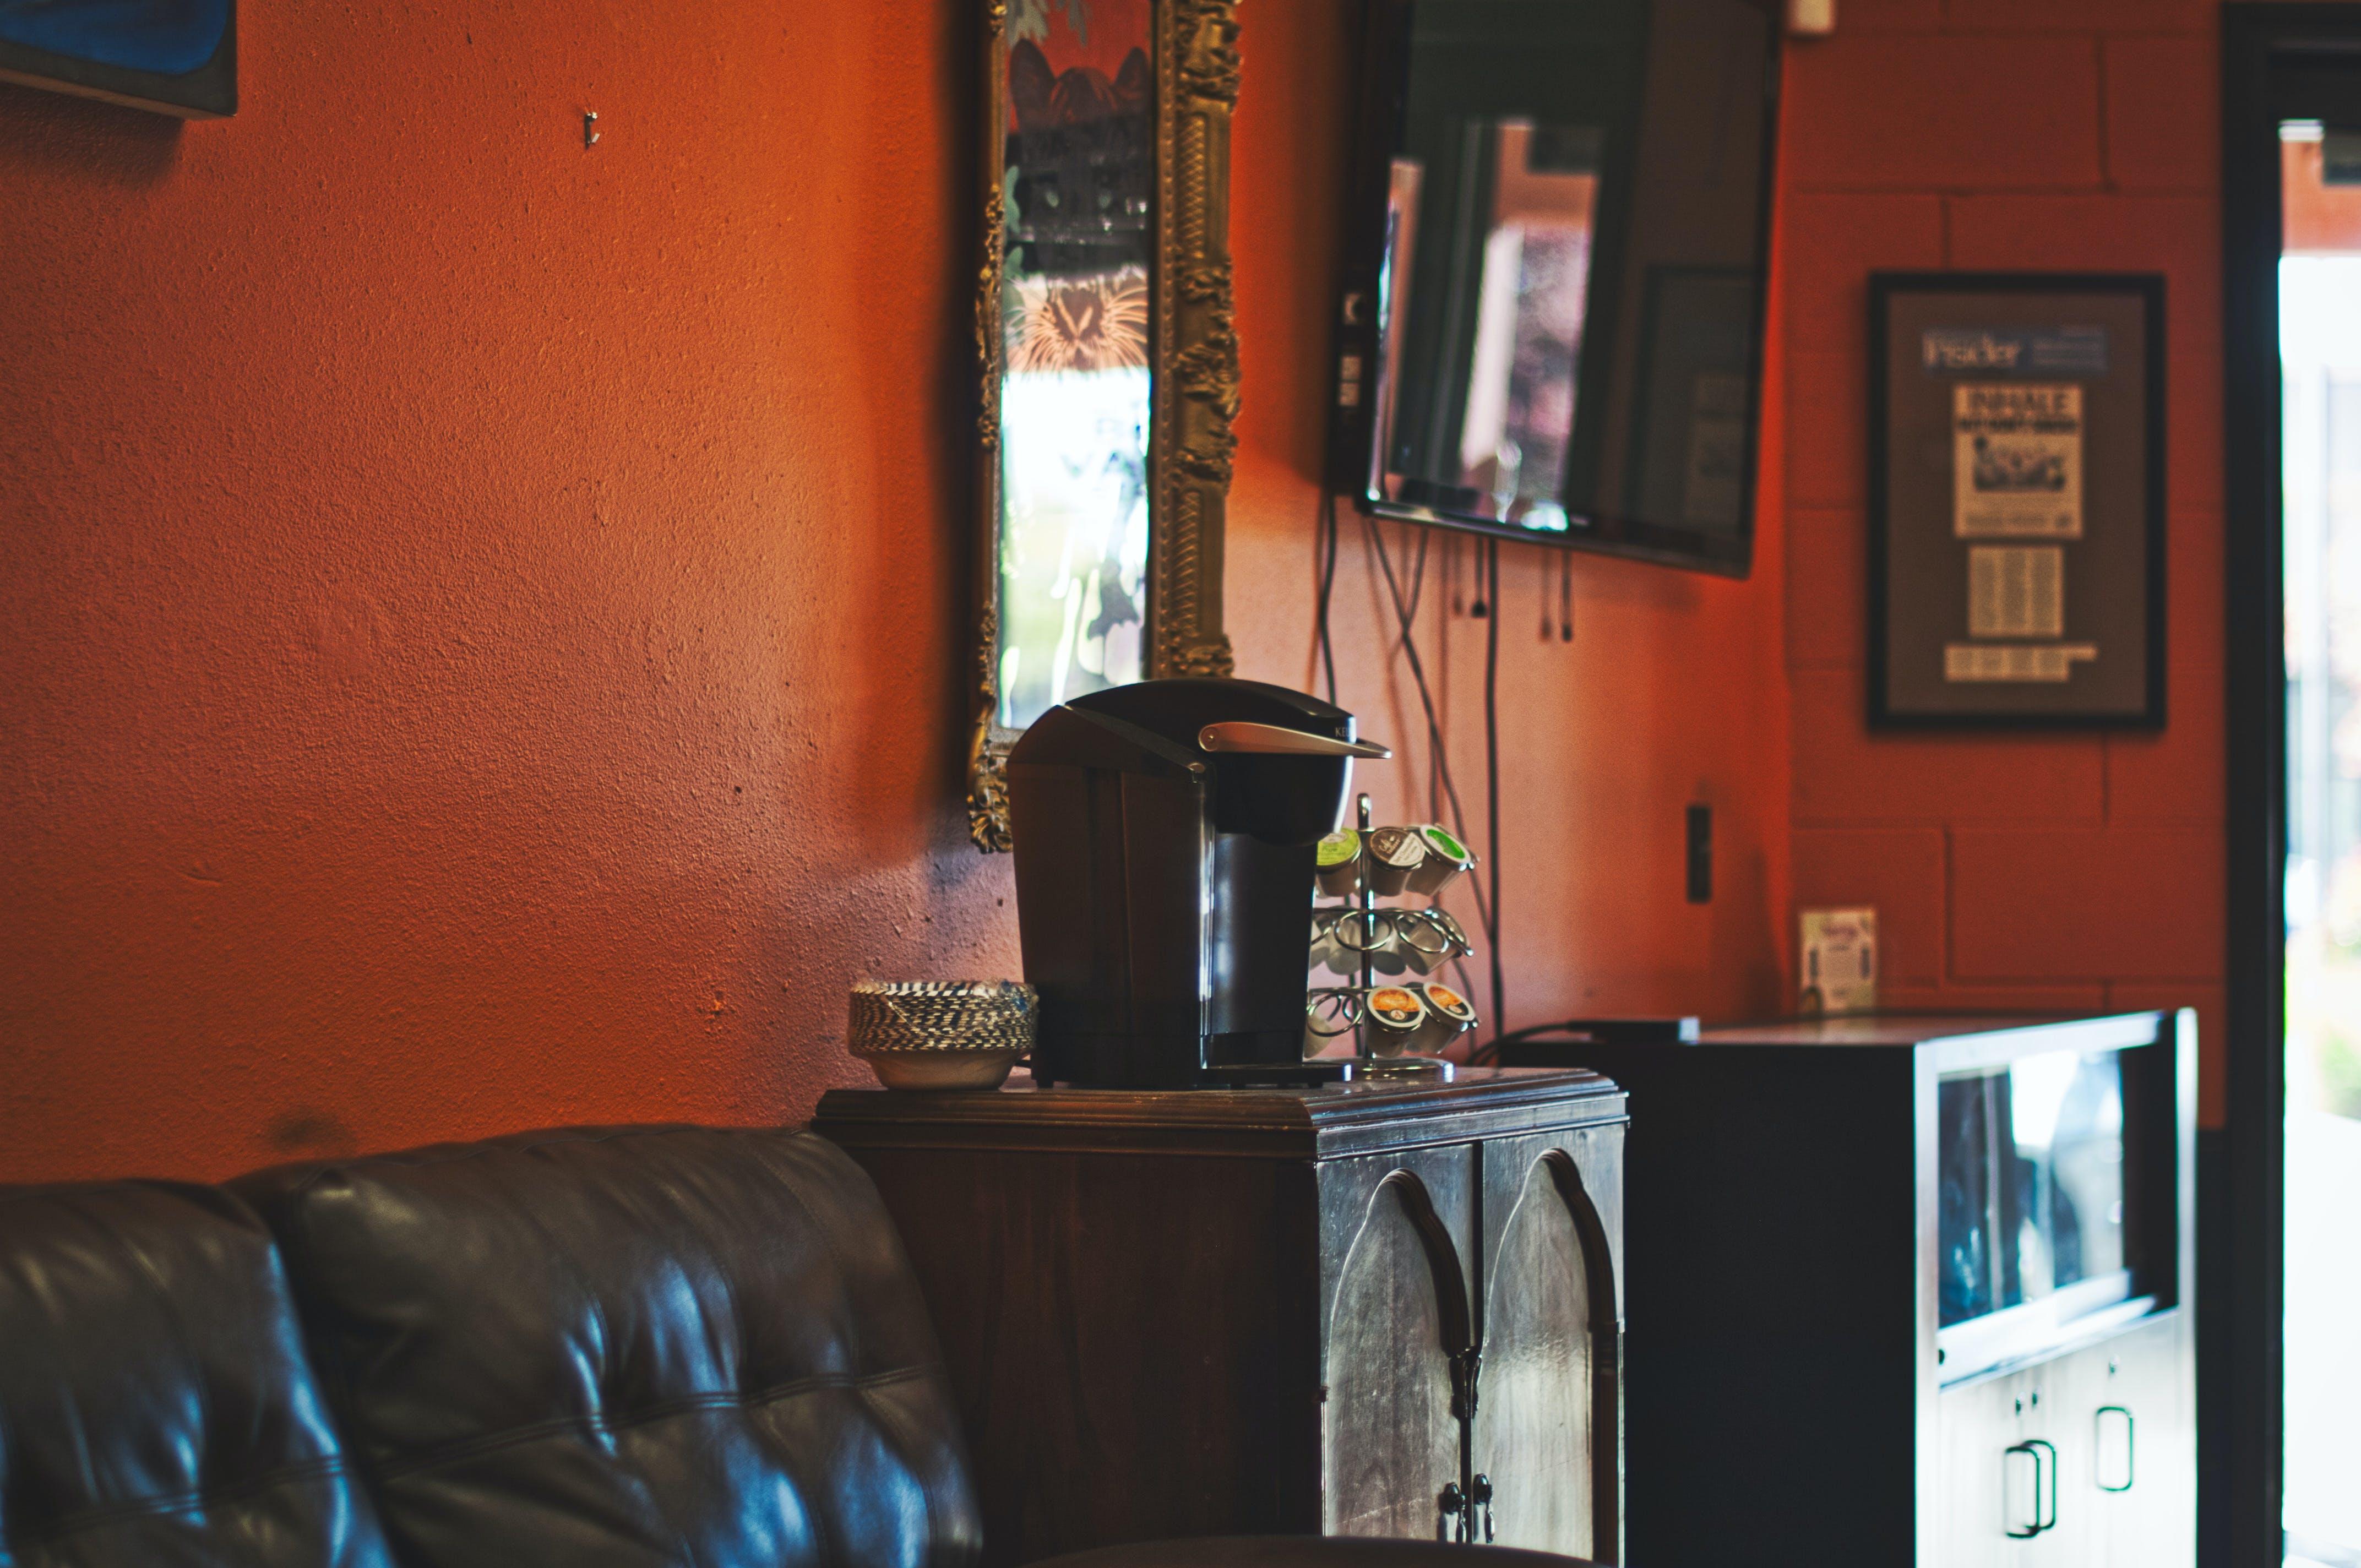 Immagine gratuita di business, caffè, negozio, oggetto d'antiquariato